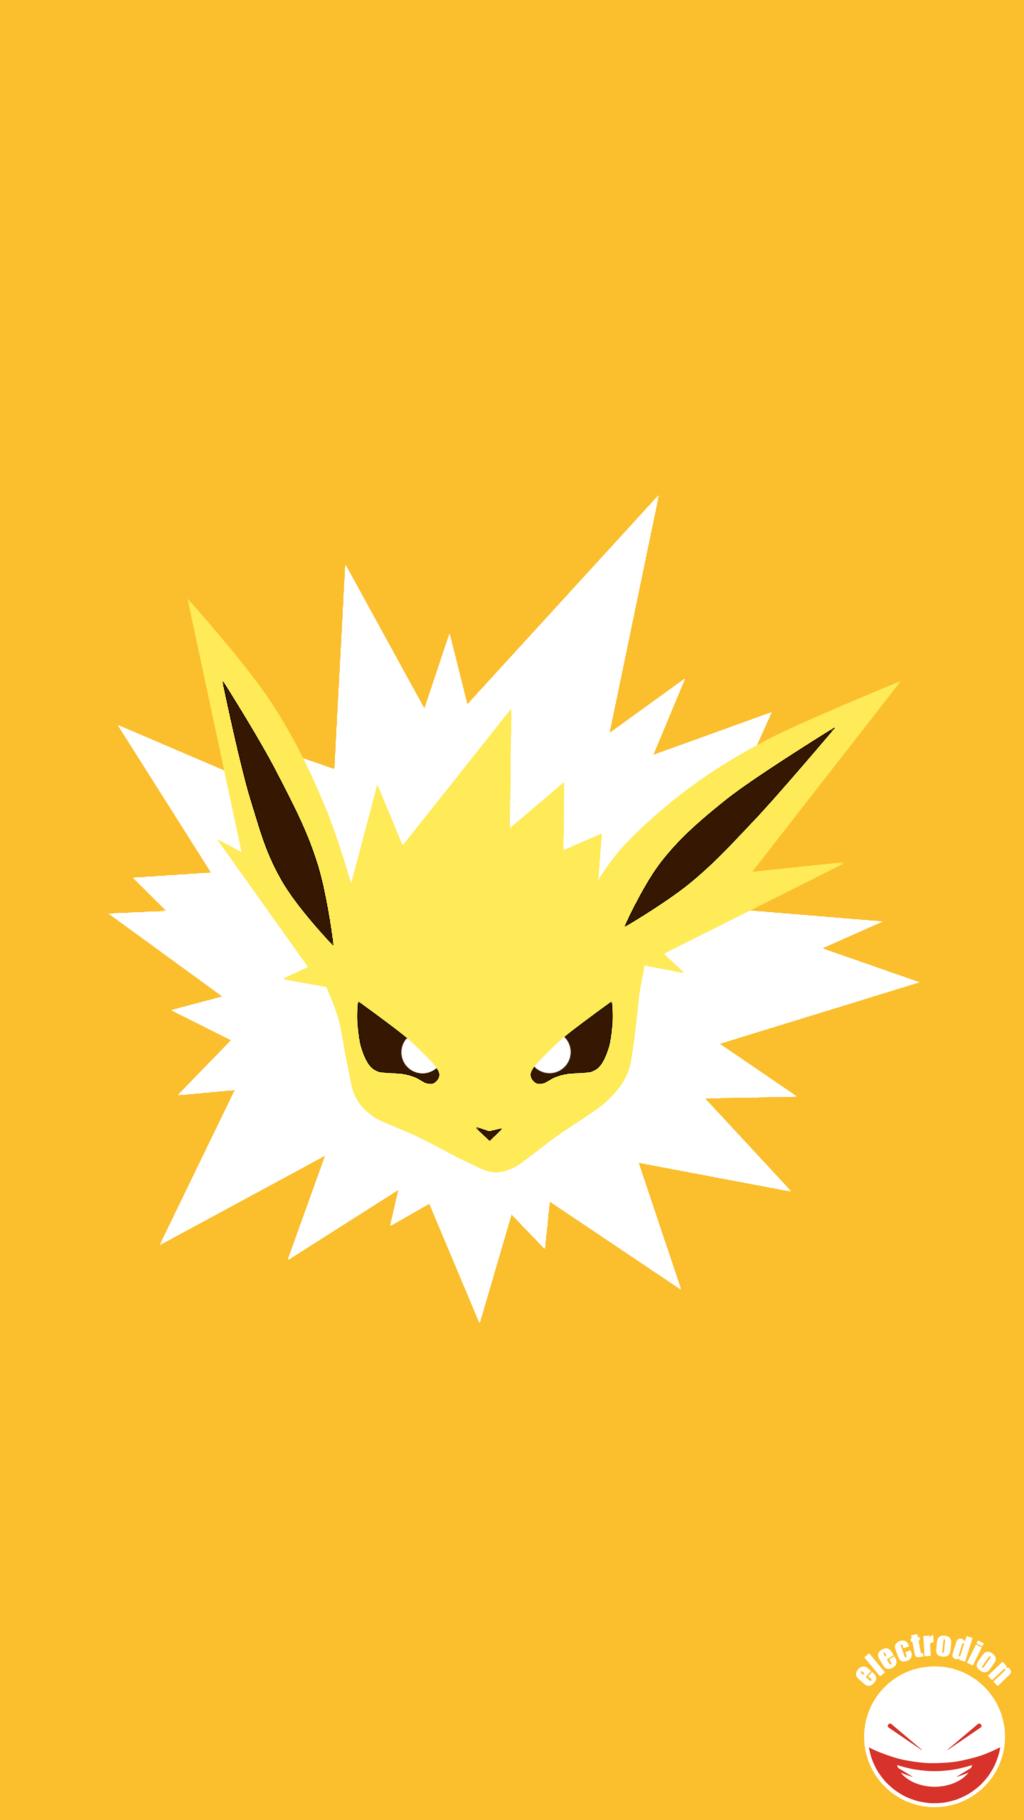 JOLTEON (Minimal Pokemon Art) Quad HD / QHD by electrodion on …